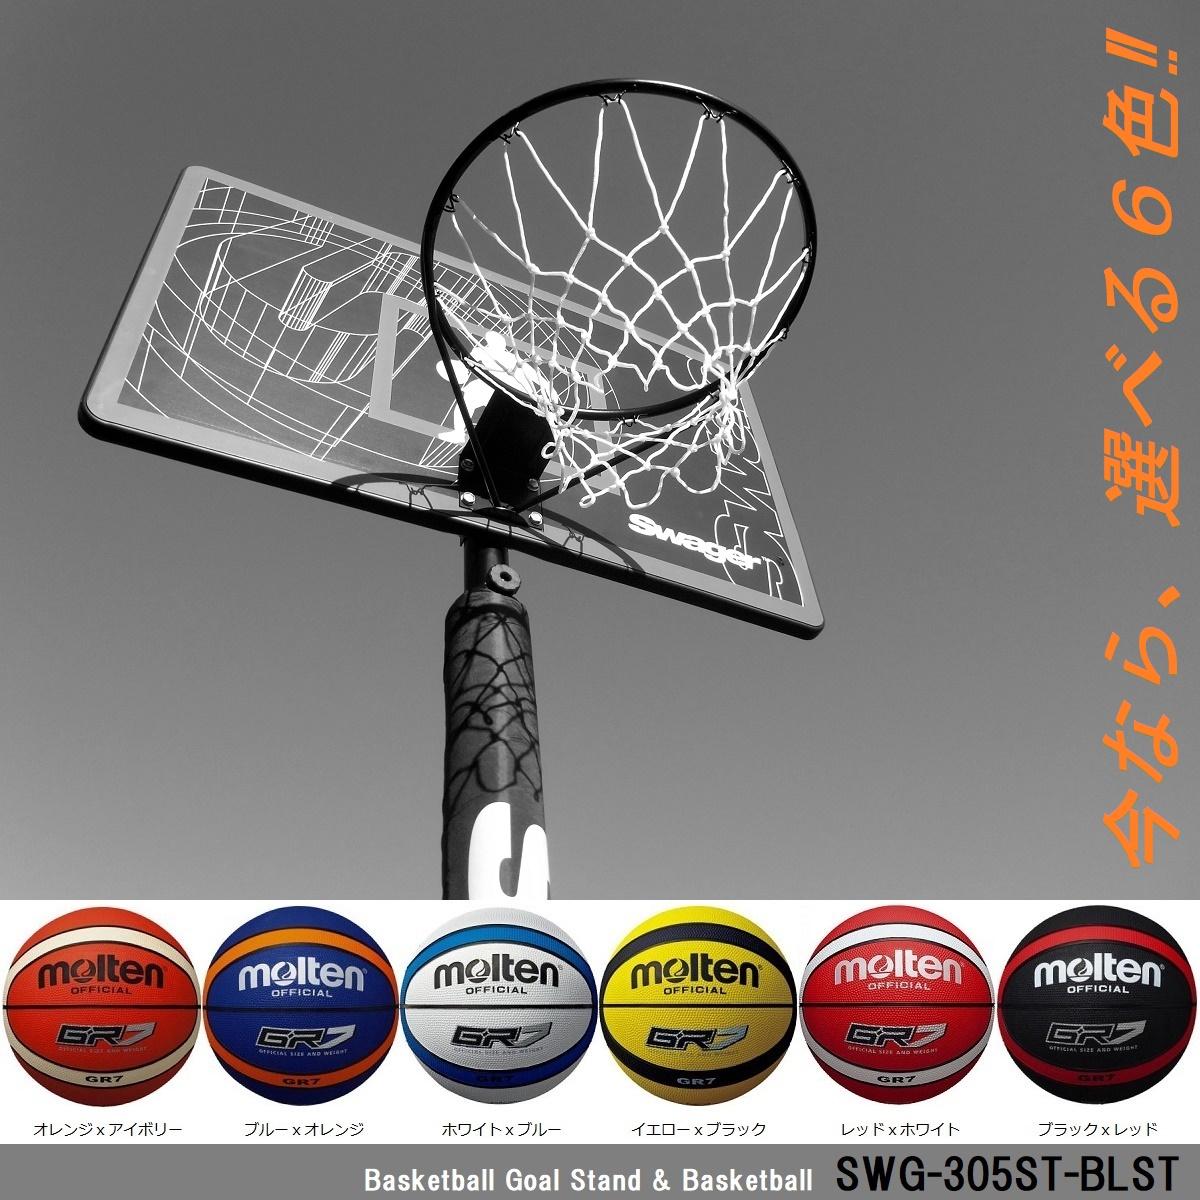 ミニバスから一般まで対応 選べる付属ボール レイアップの練習にも ポールパッドも標準装備 SWG-305ST バスケットゴール 屋外 家庭用 バスケットボール ゴール